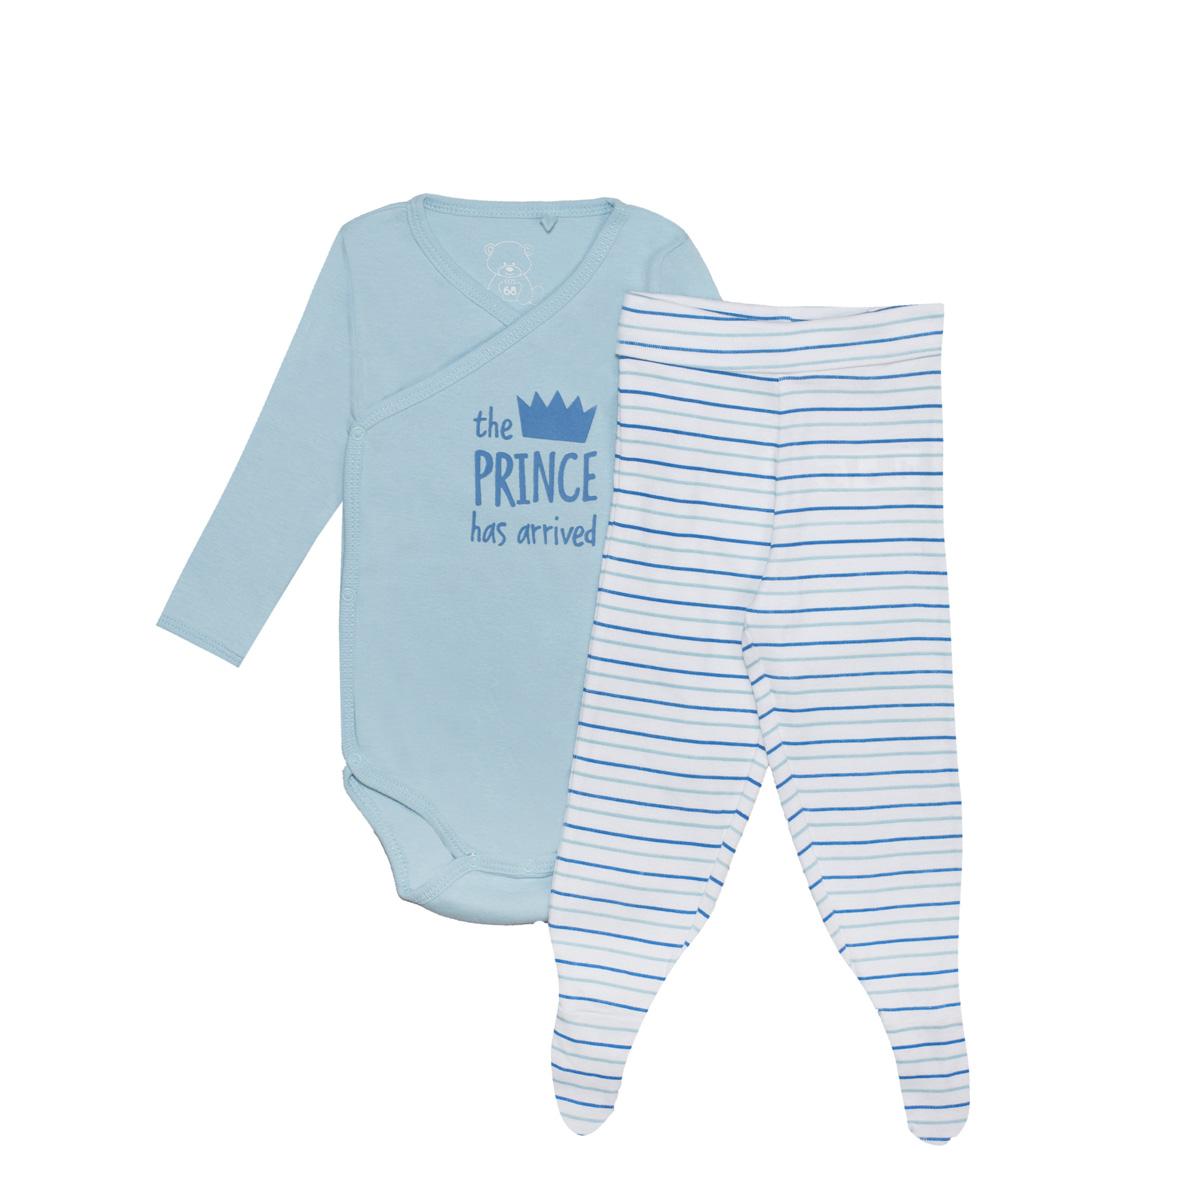 Baby komplet, svetlo modra